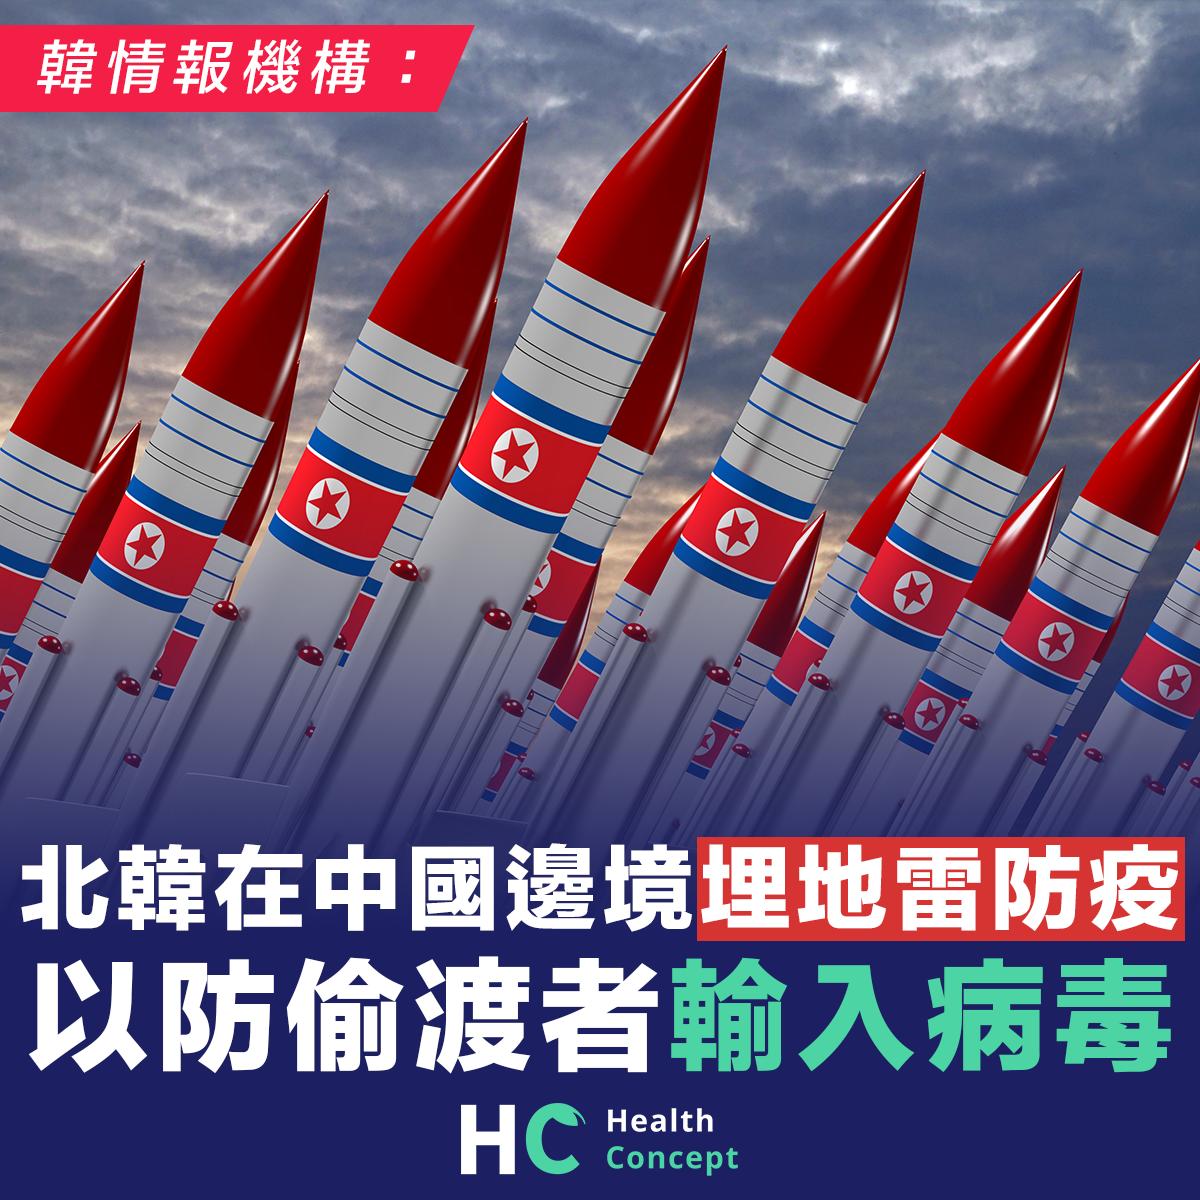 韓情報機構:北韓在中國邊境埋地雷防疫 以防偷渡者輸入病毒